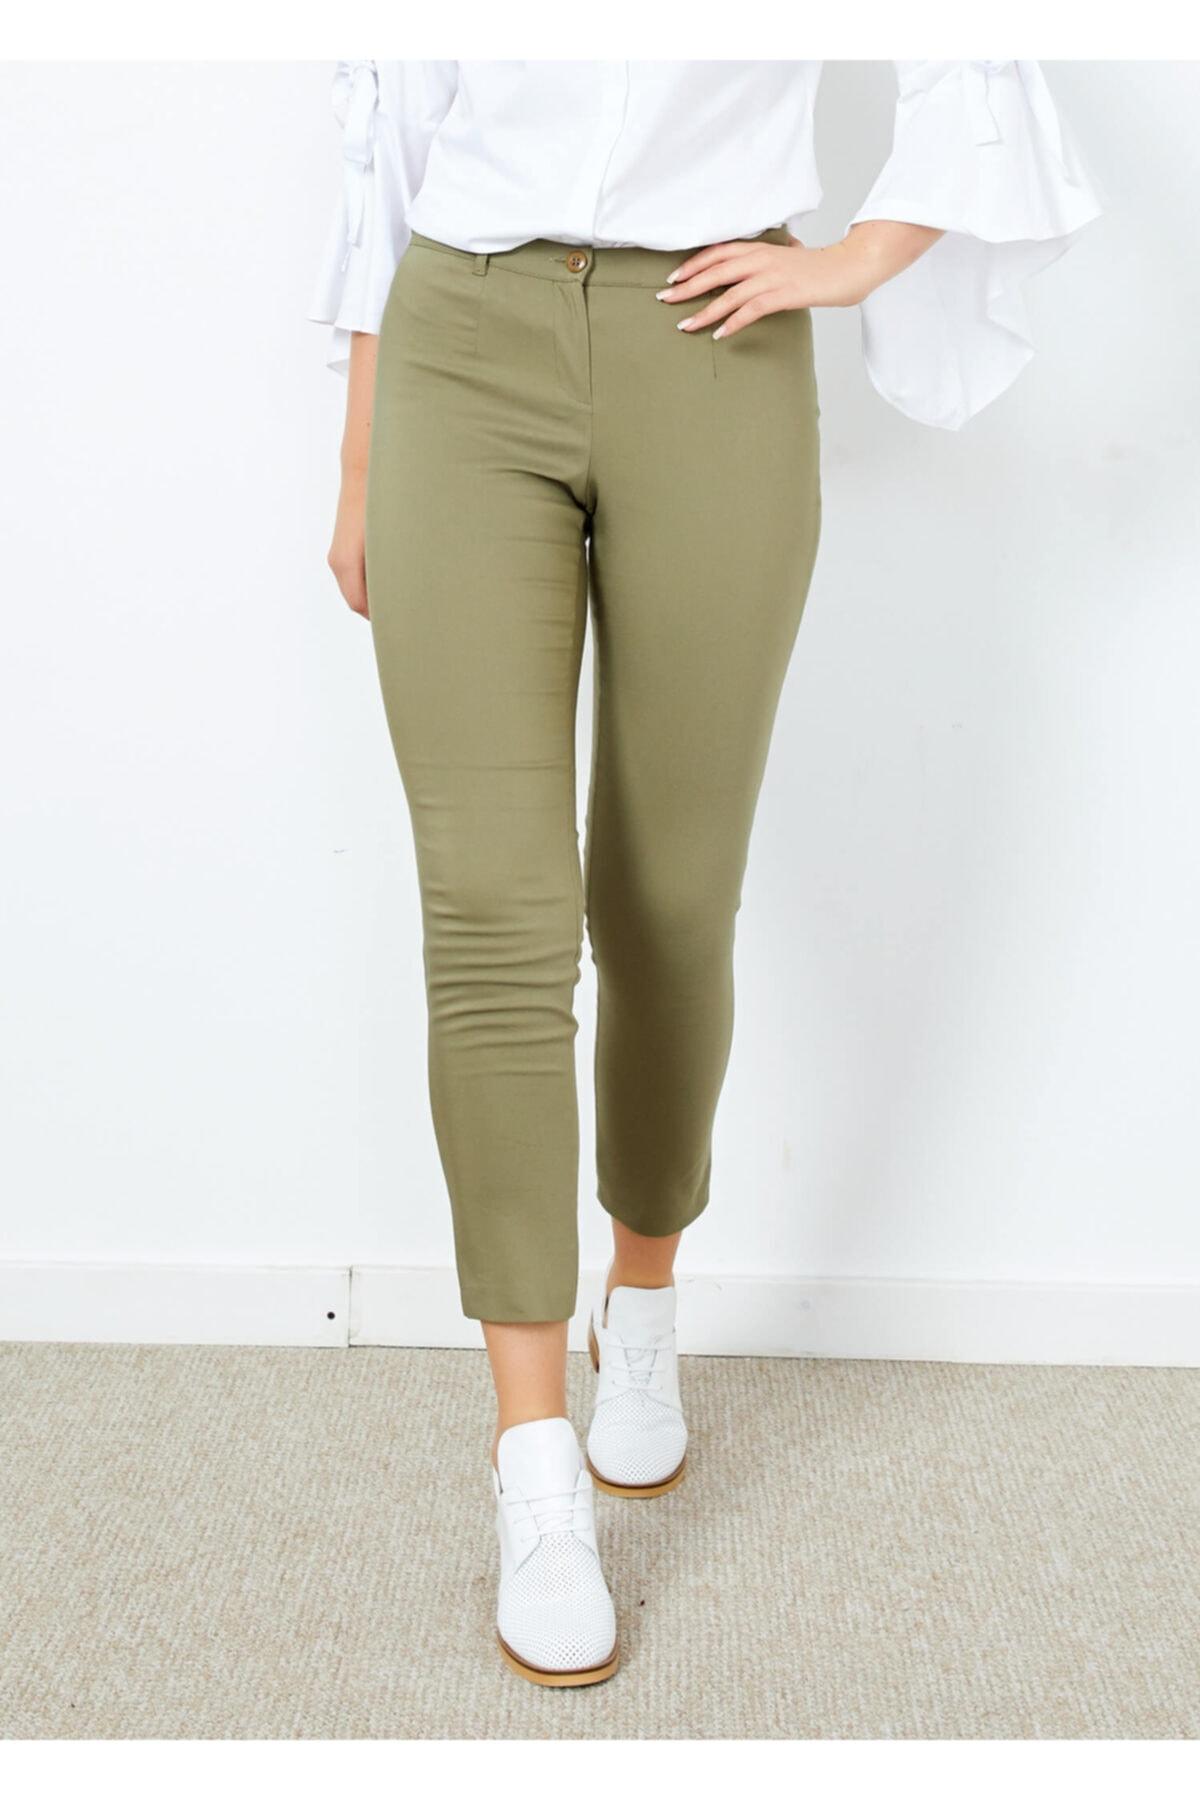 Adze Kadın Haki Klasik Kesim Dar Paça Pantalon 1